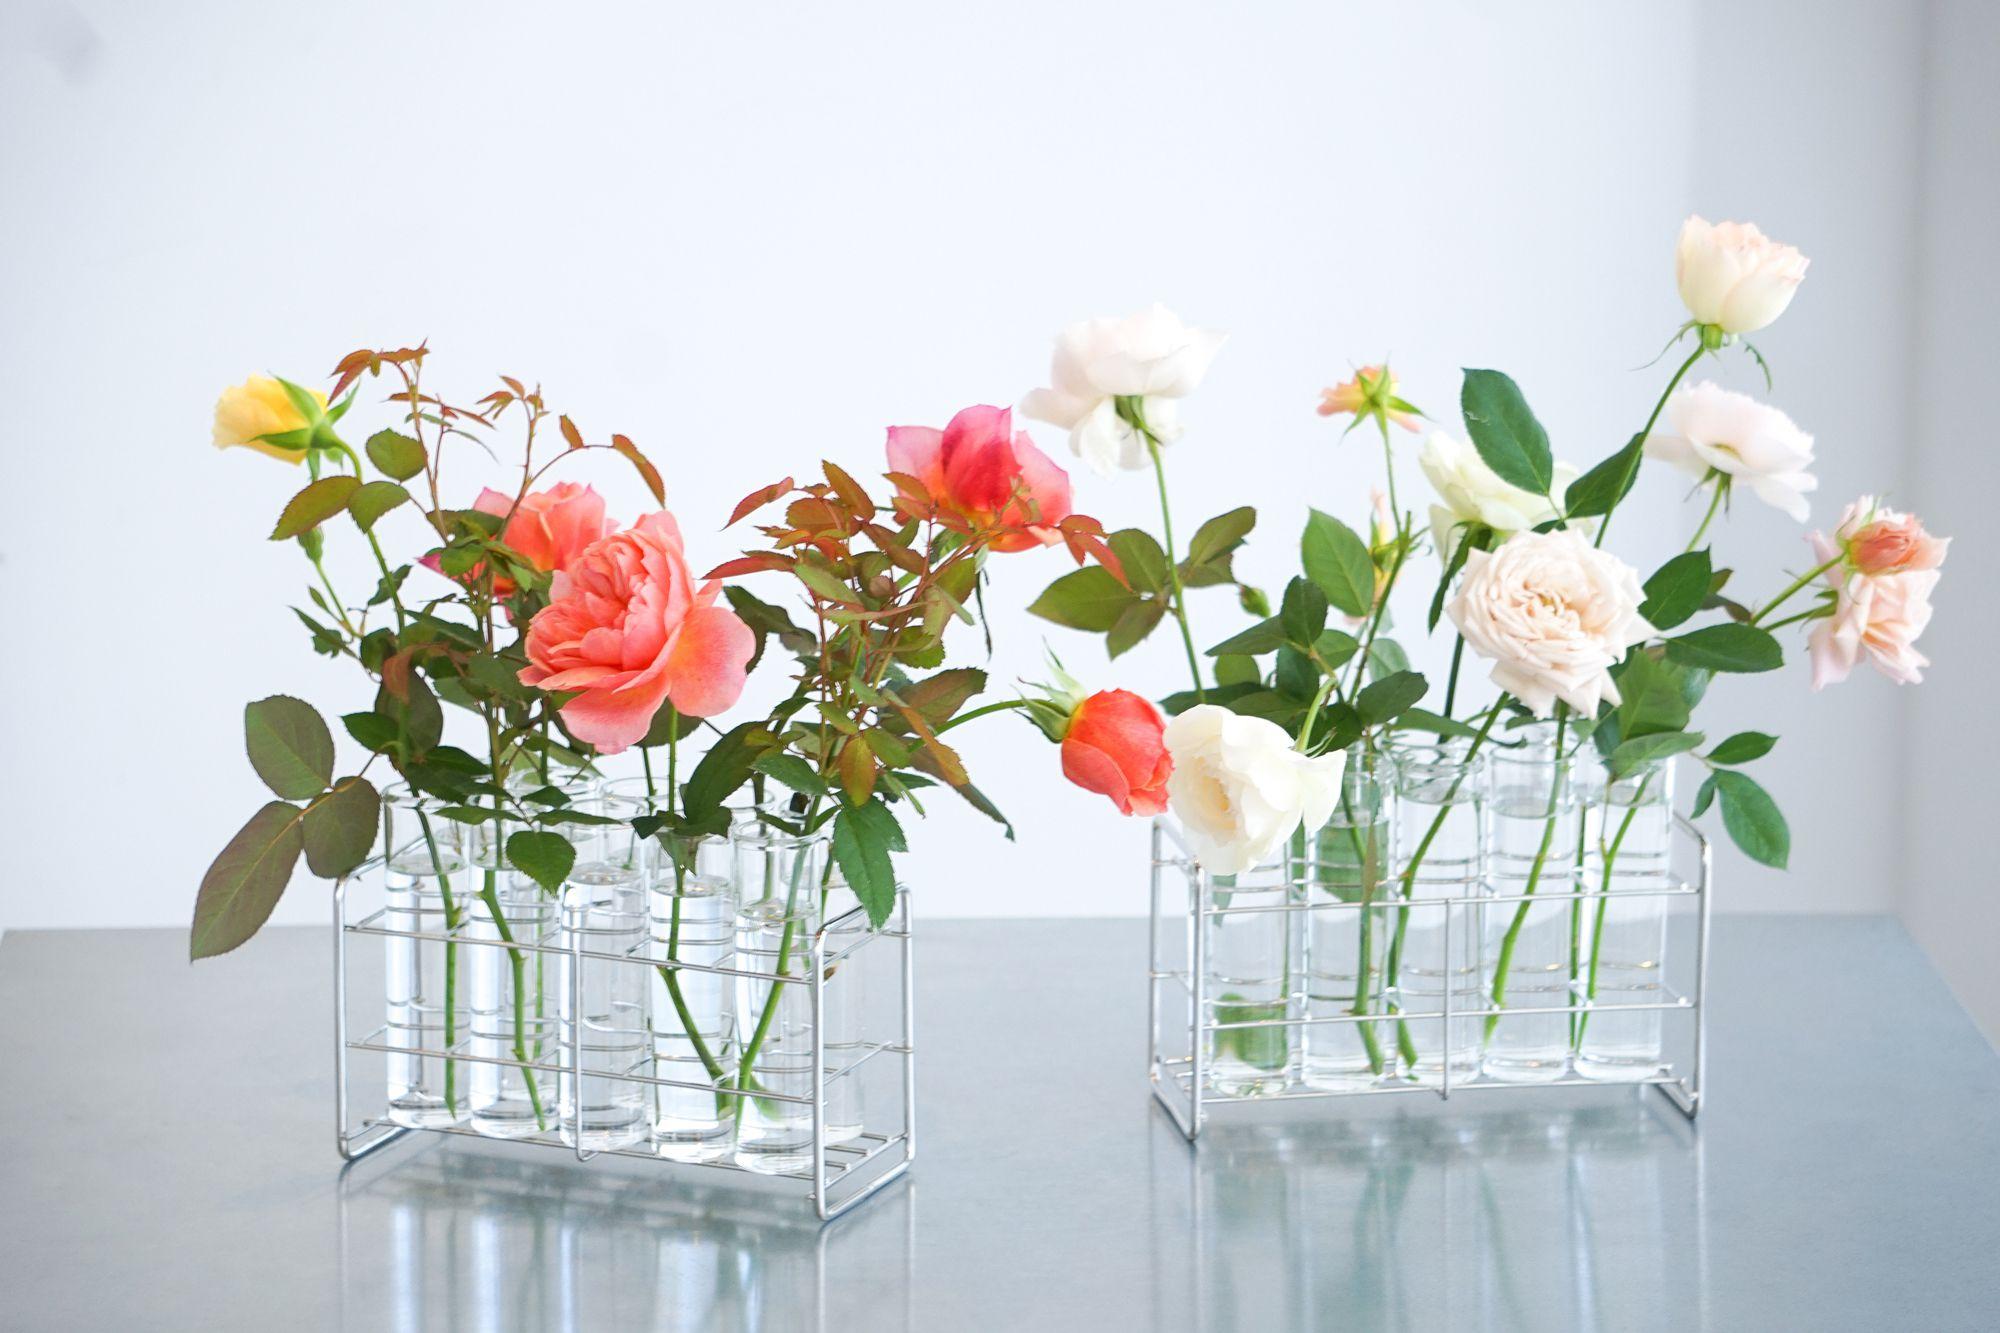 WABARAの特徴を生かすモダンな花器「vase 01」